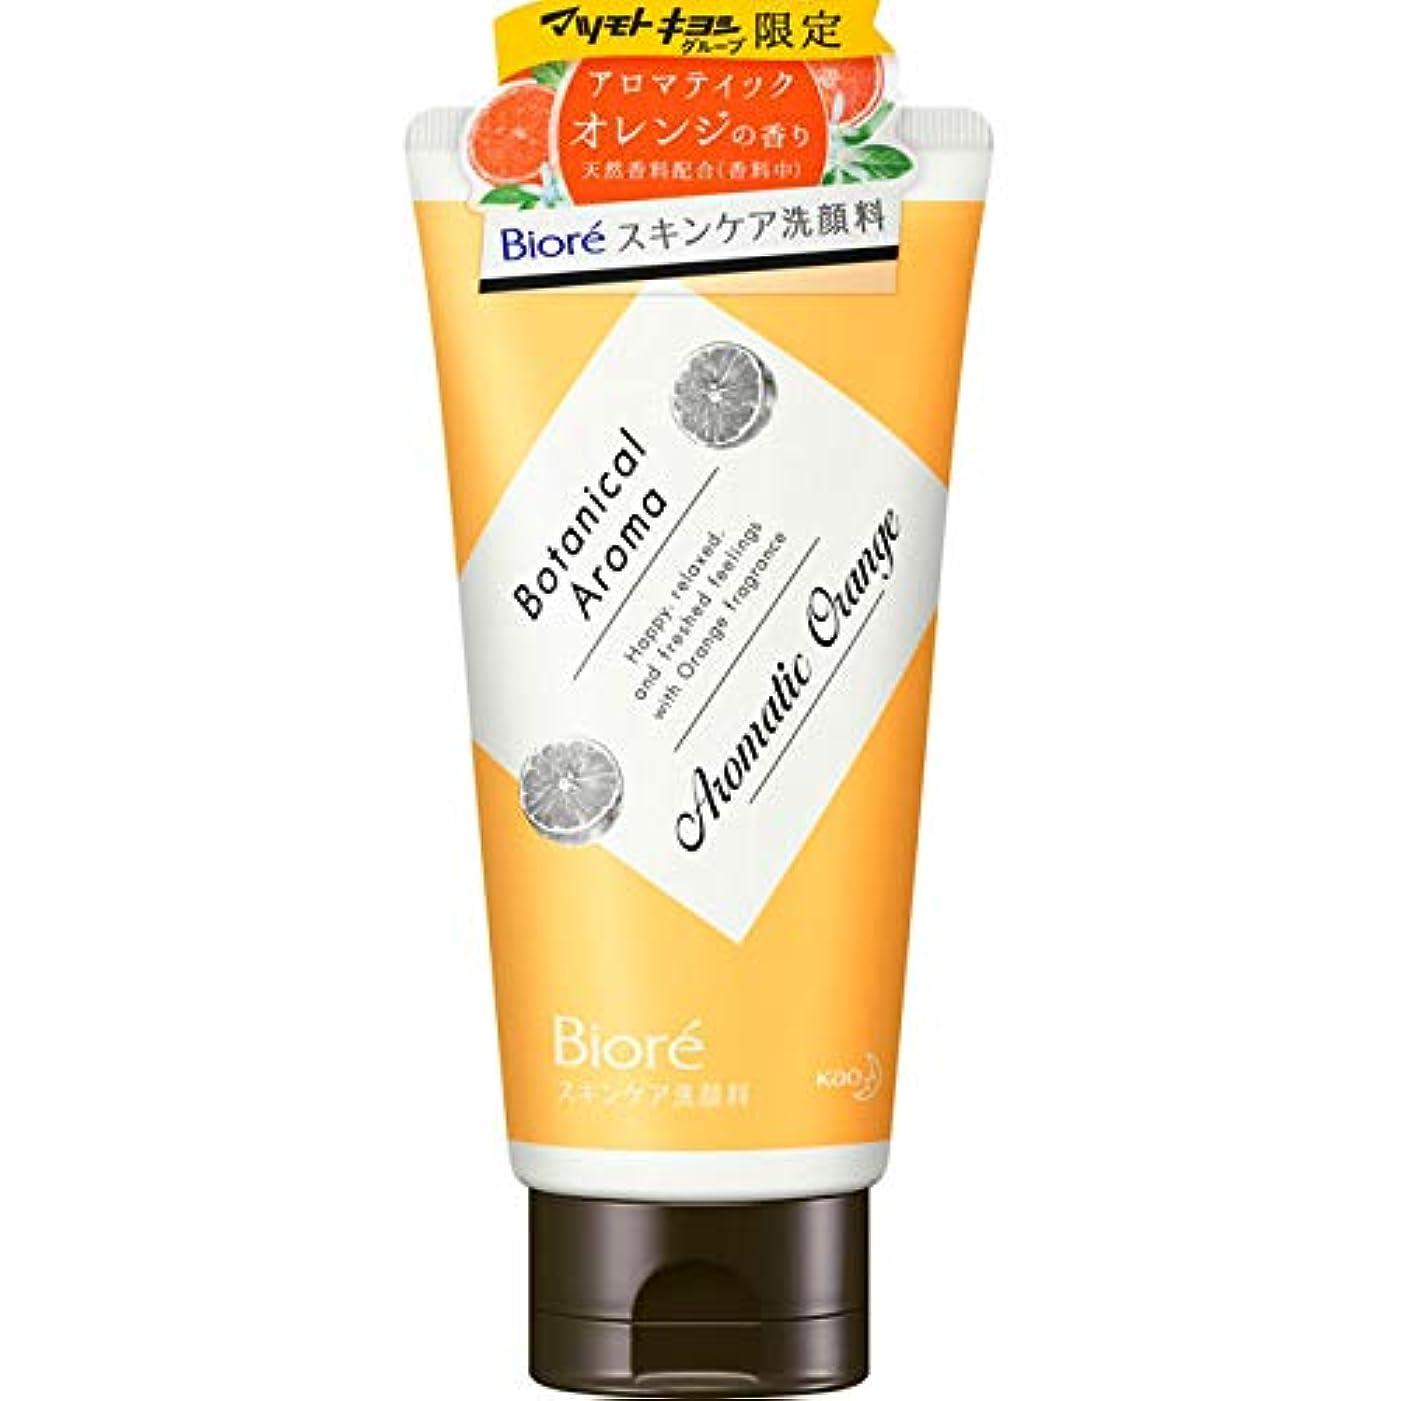 認可考えた死んでいるMK ビオレ スキンケア洗顔料 アロマティックオレンジの香り 130G